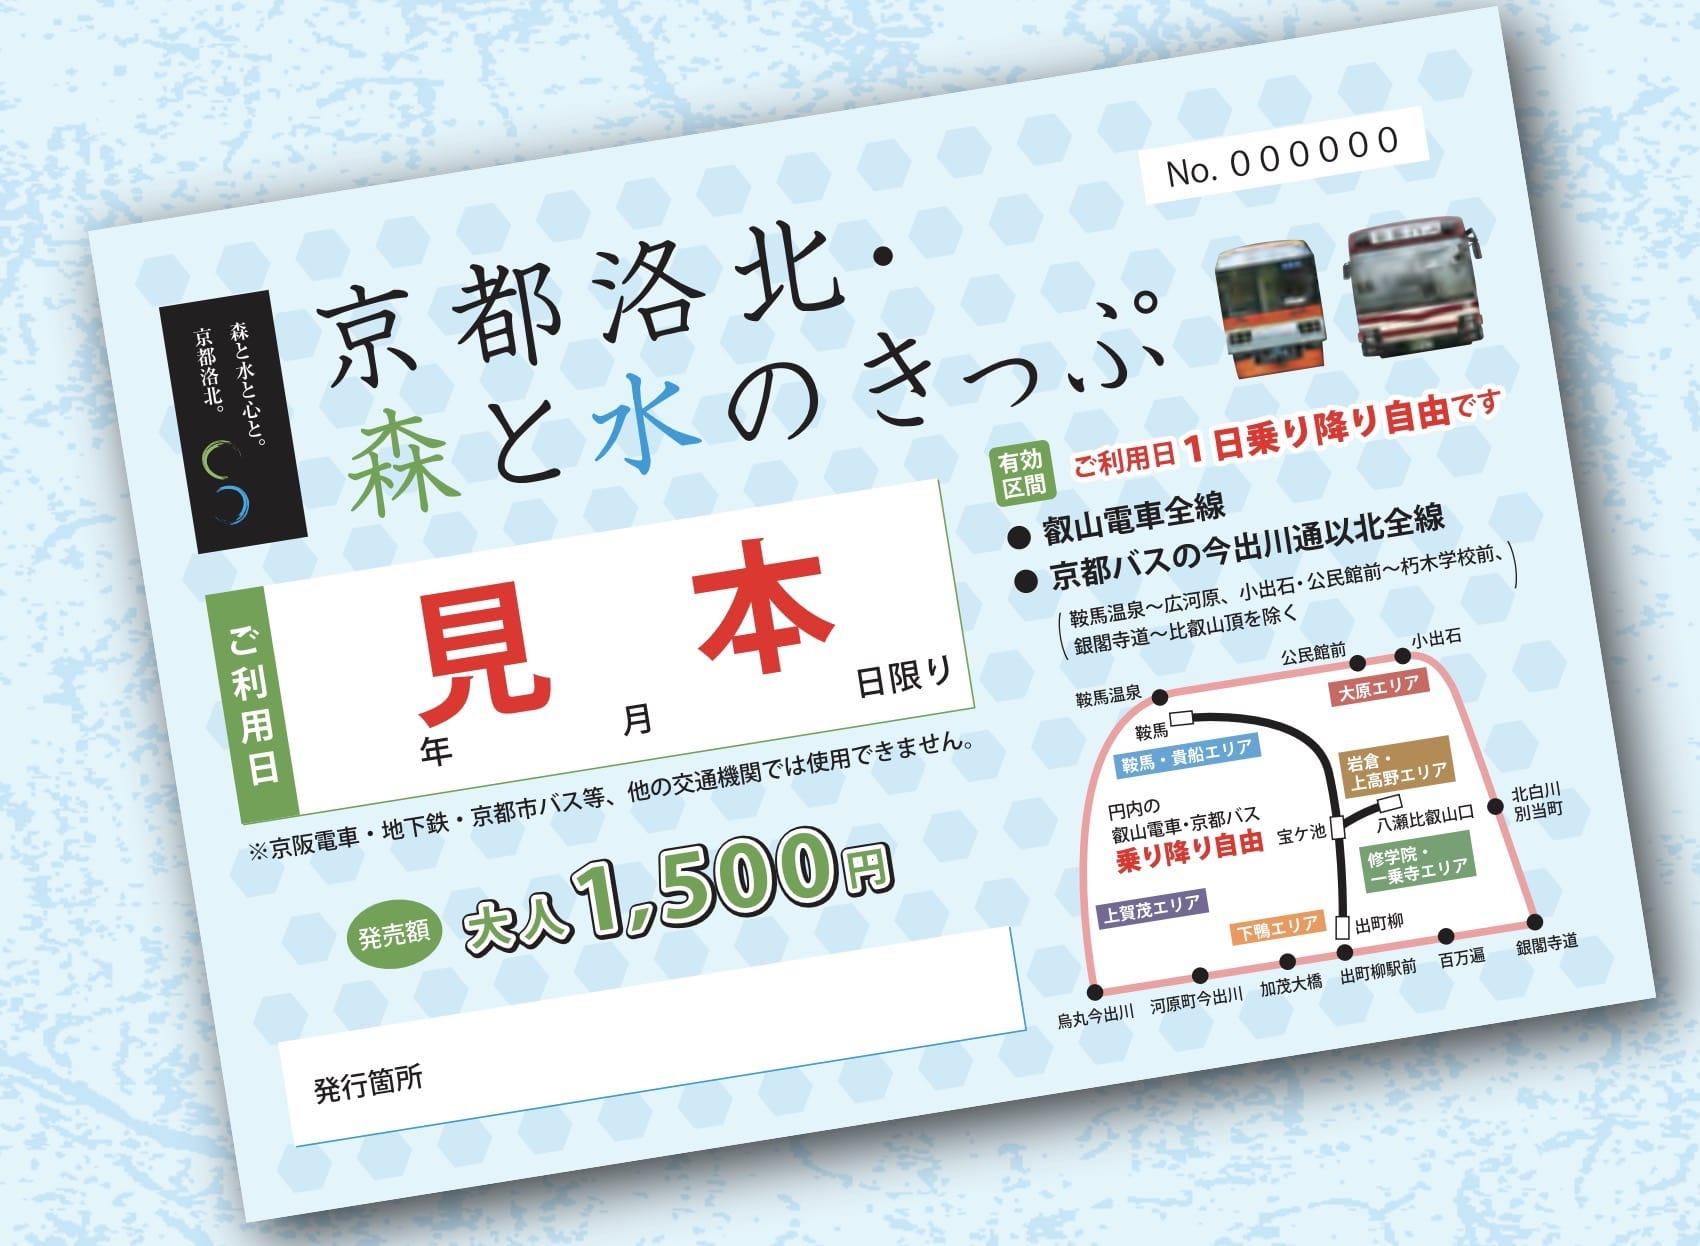 網站近期文章:京都洛北森與水套票(京都洛北・森と水のきっぷ)